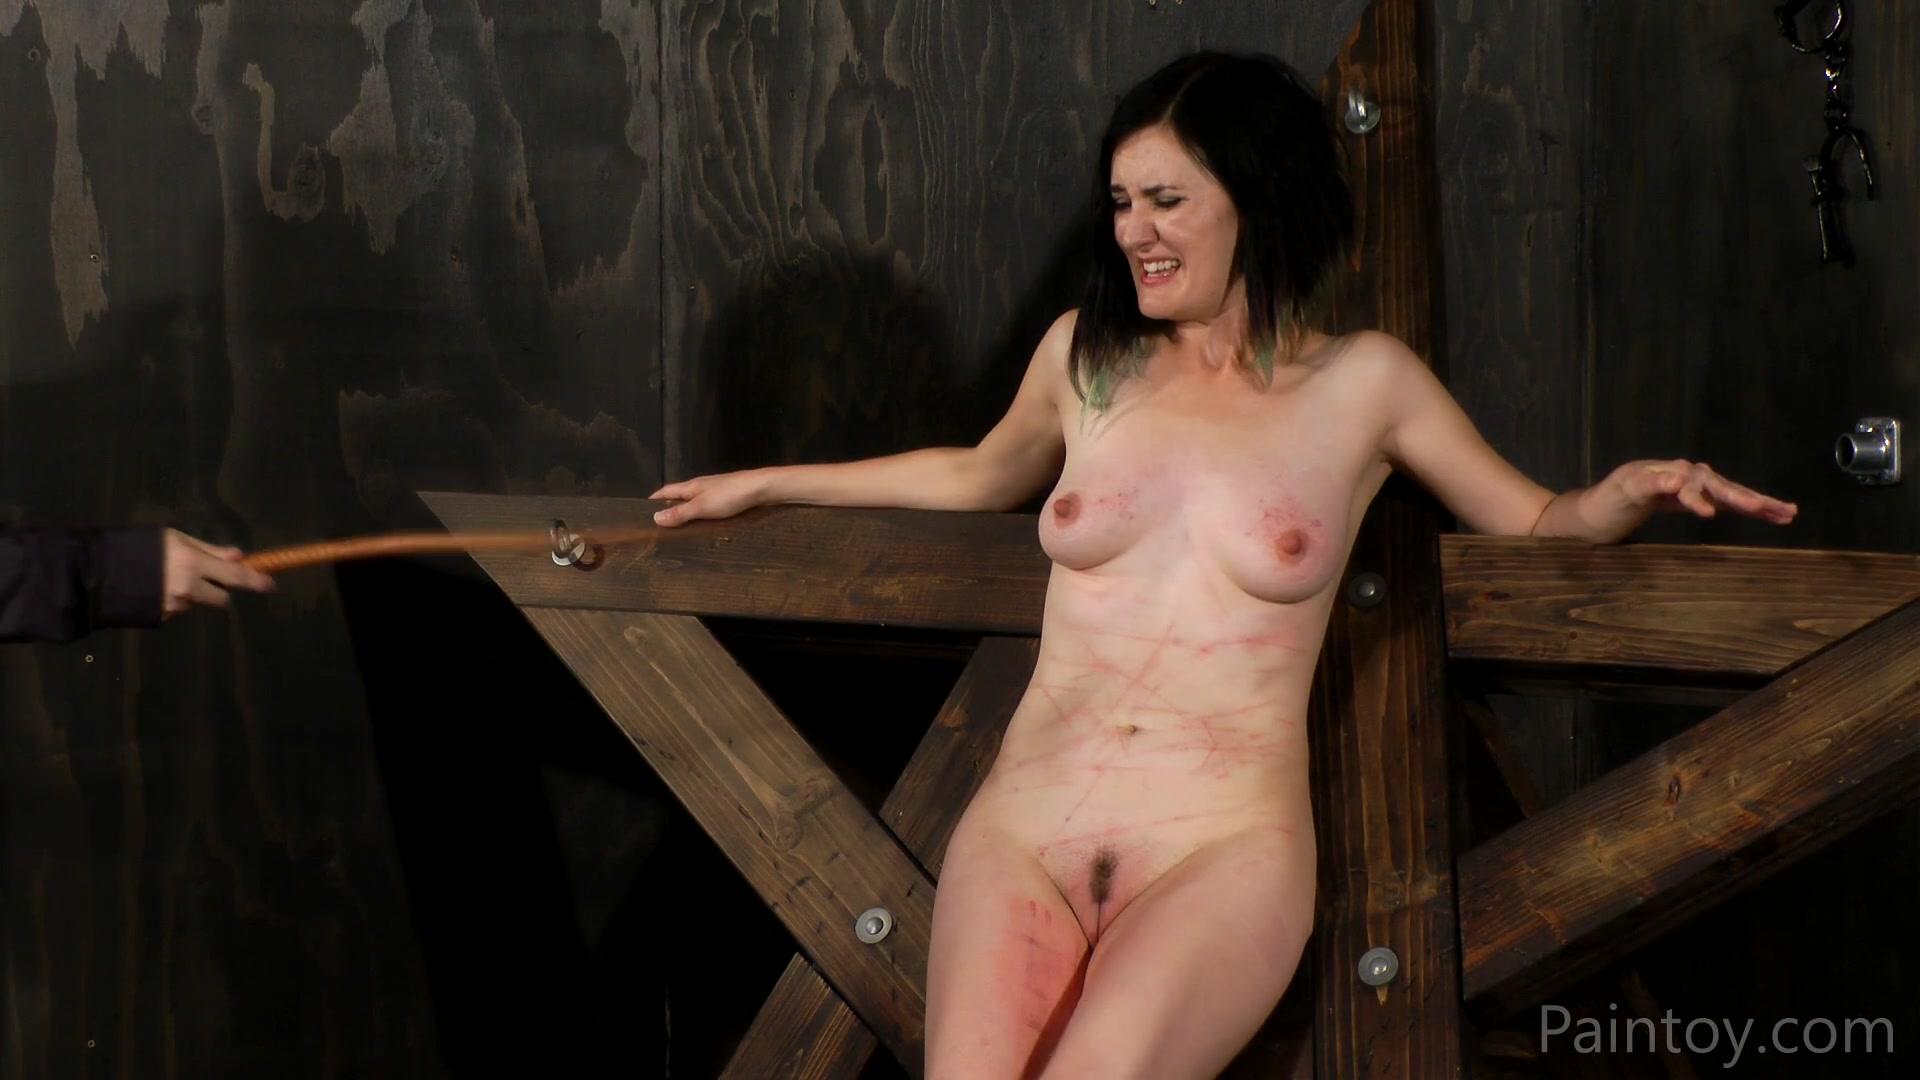 Suzen johnson nude photos